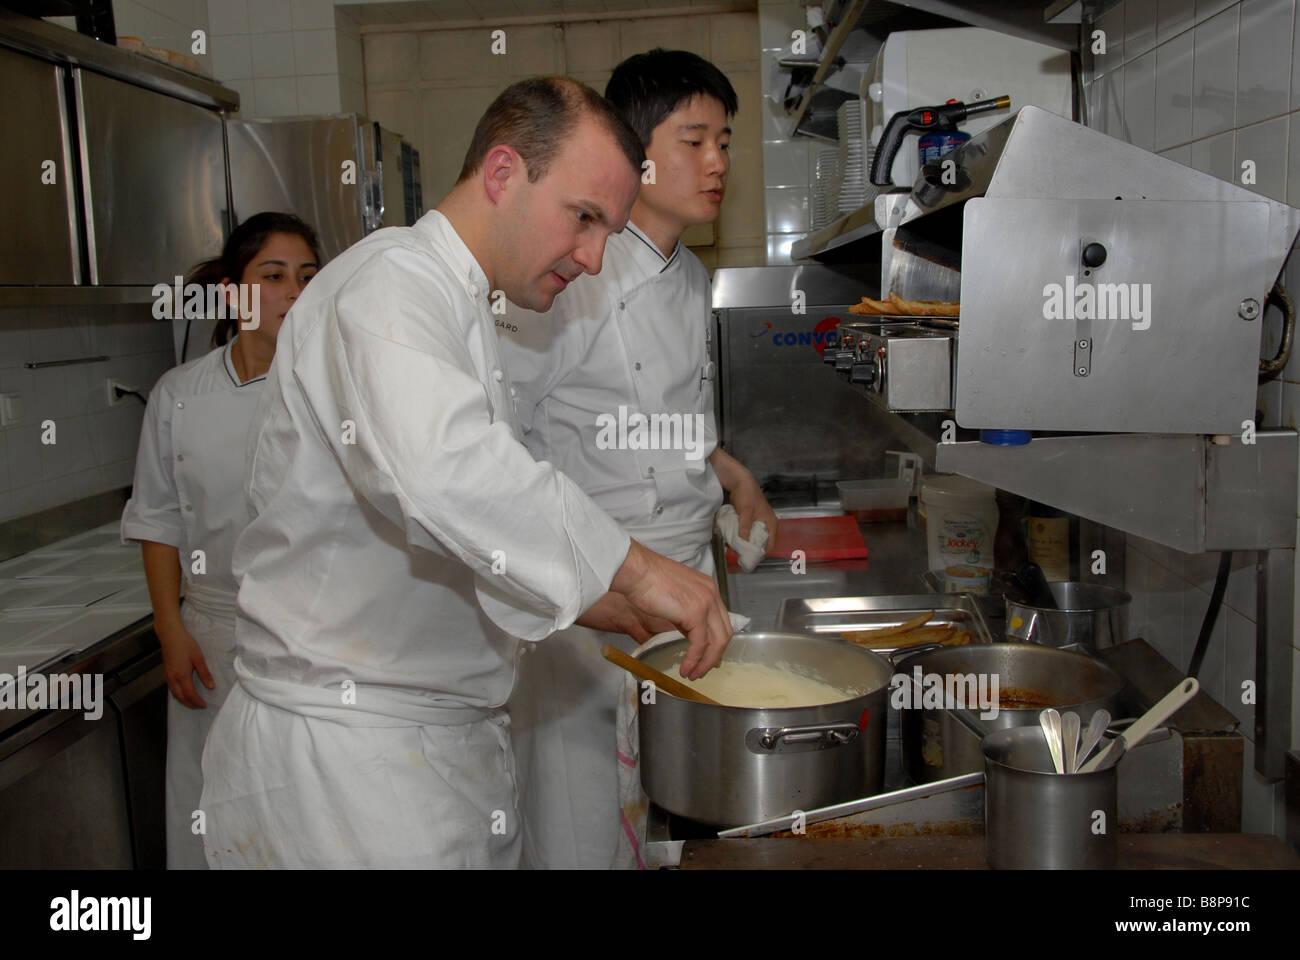 La Cloche Stockfotos & La Cloche Bilder - Alamy